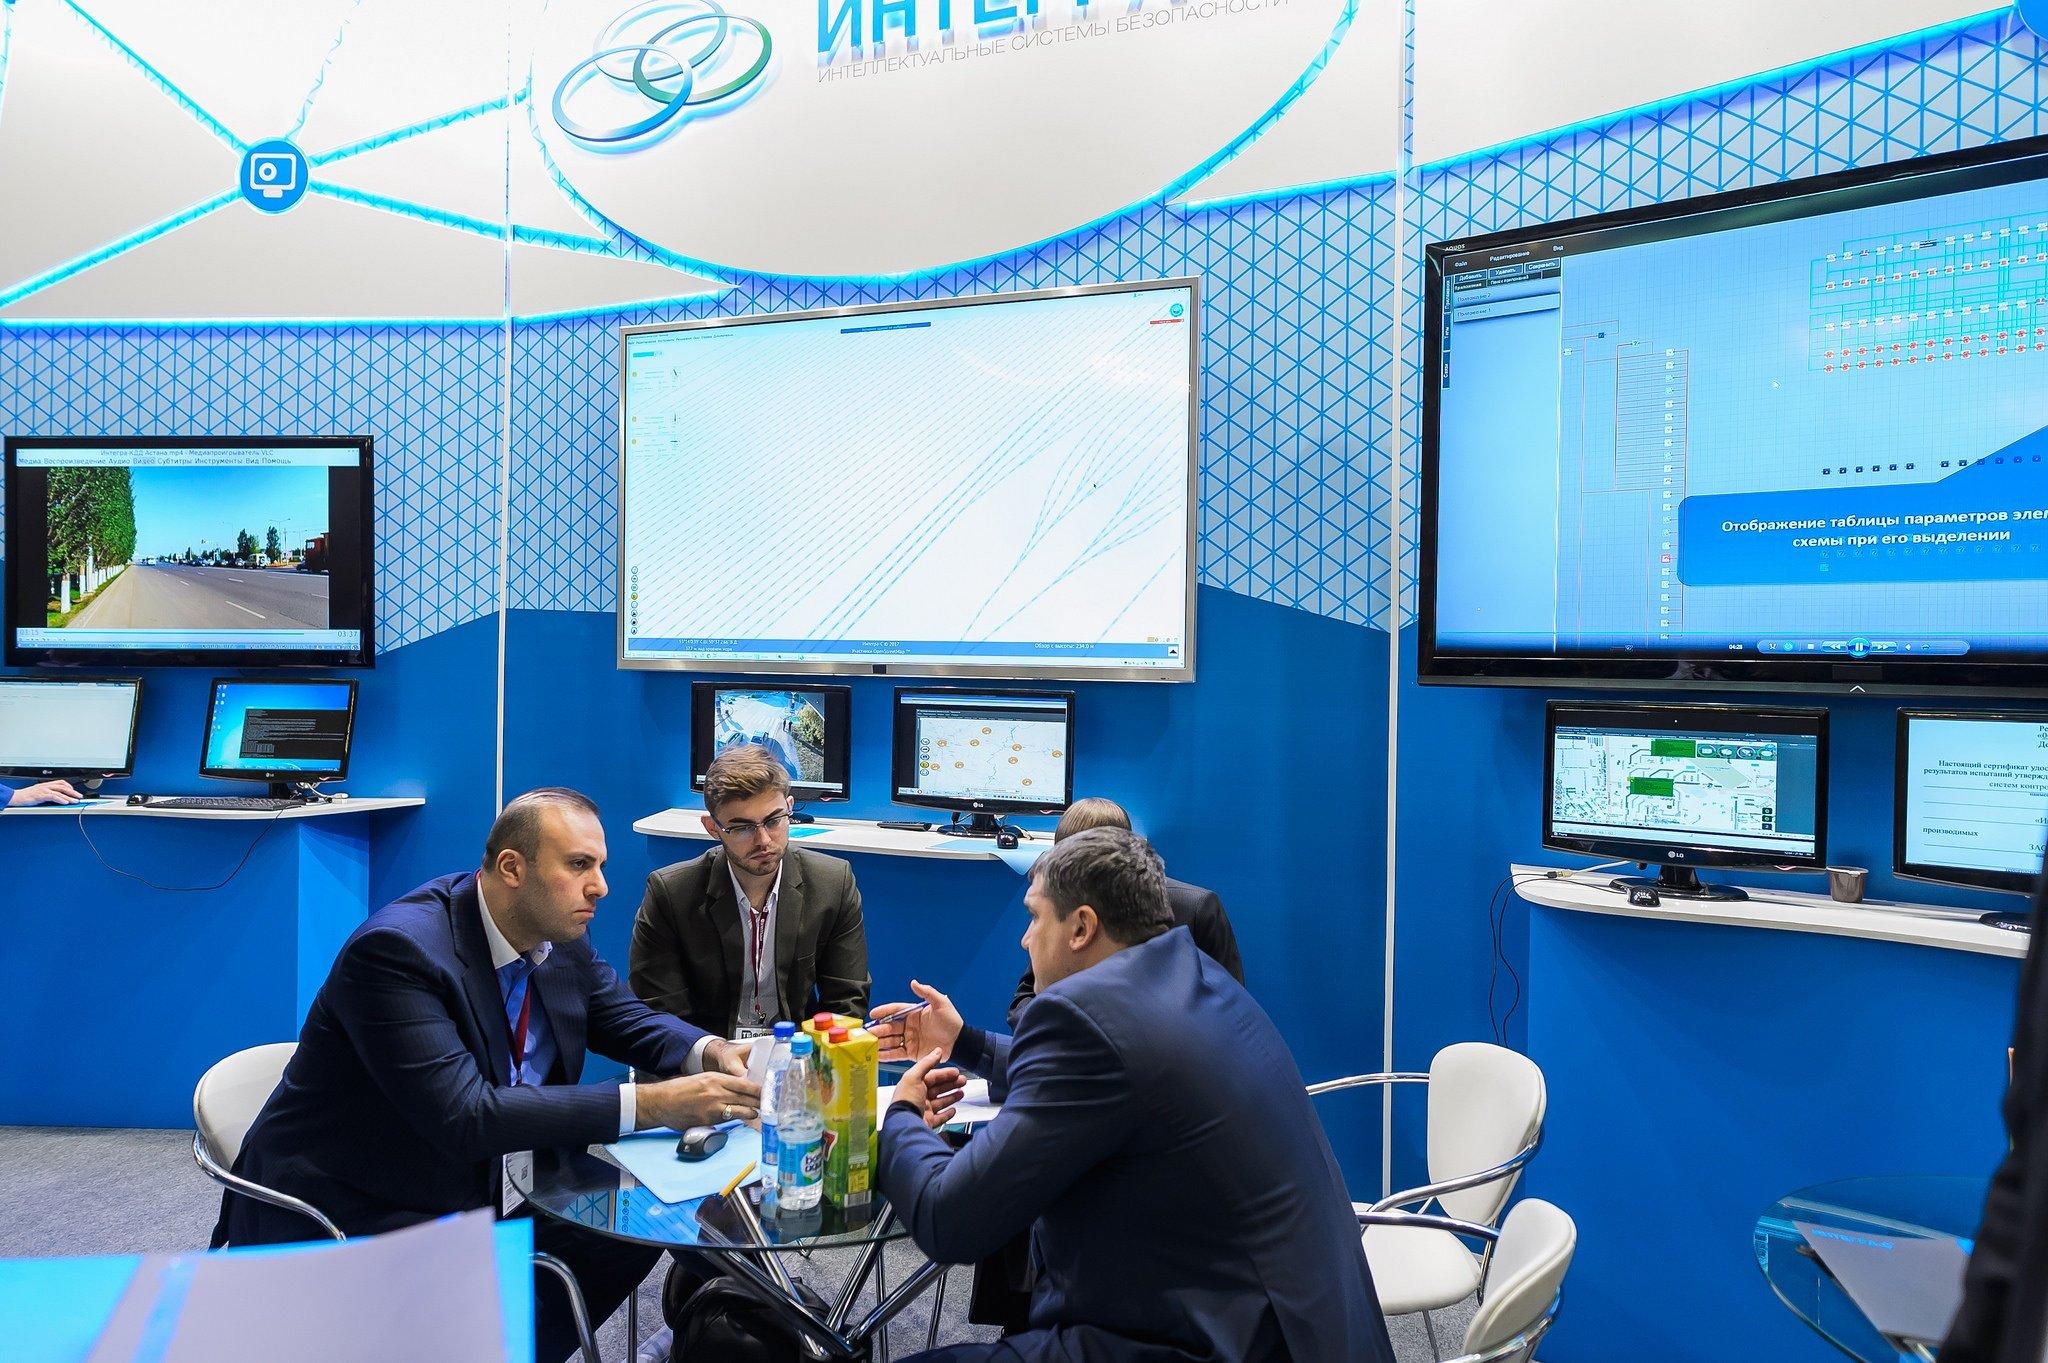 ФСО России курирует специальный сегмент деловой программы о ситуационных центрах на ТБ Форуме 2018